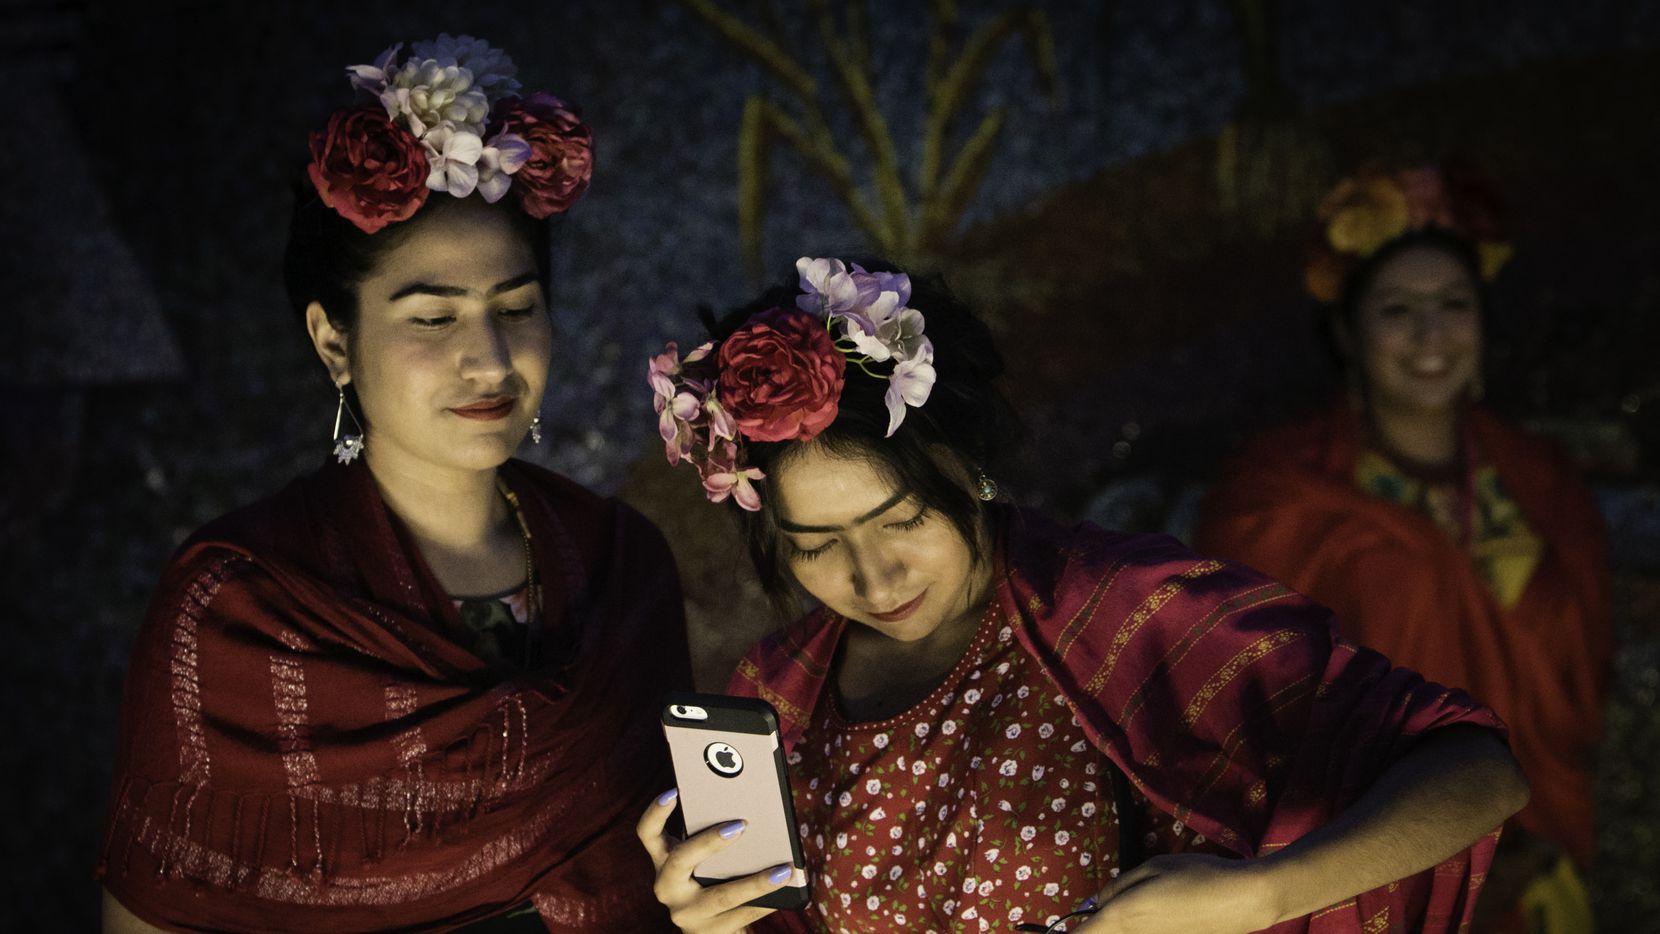 Las hermanas Grecia e Ilse Rangel asistieron a el evento en el museo de Artes de Dallas en julio 6, 2017 participando en un evento que también buscaba romper el récord de el mayor número de personas reunidas vestidas como la pintora mexicana Frida Kahlo.